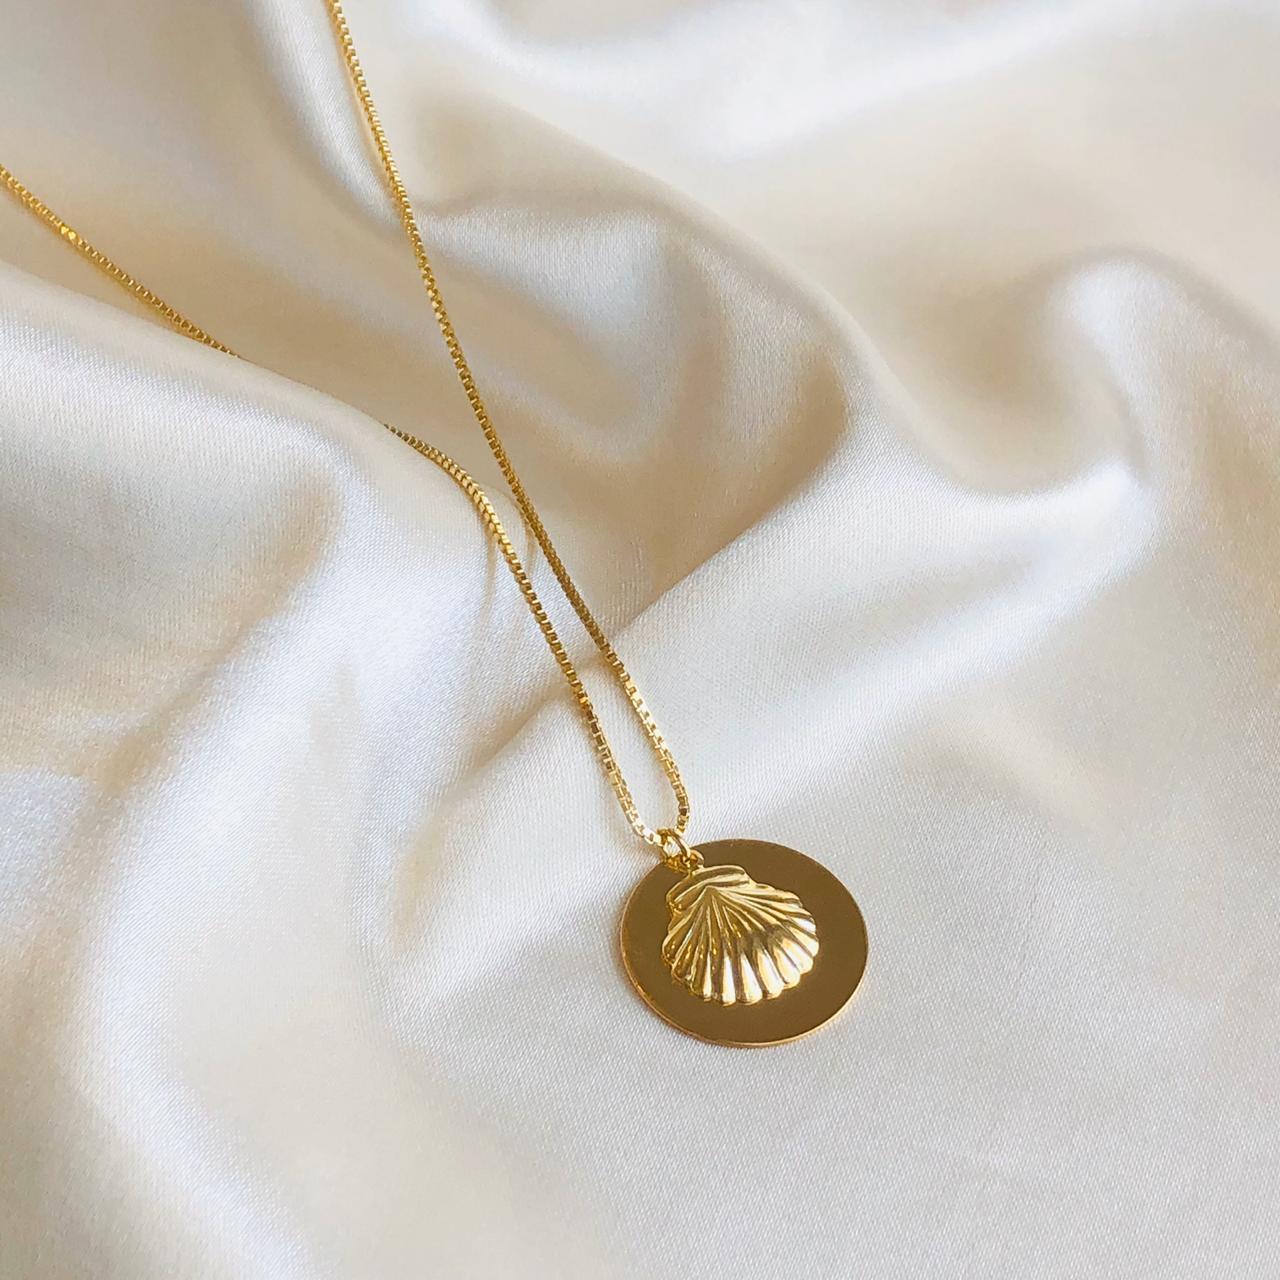 Colar Medalha e Concha Banhado em Ouro 18k